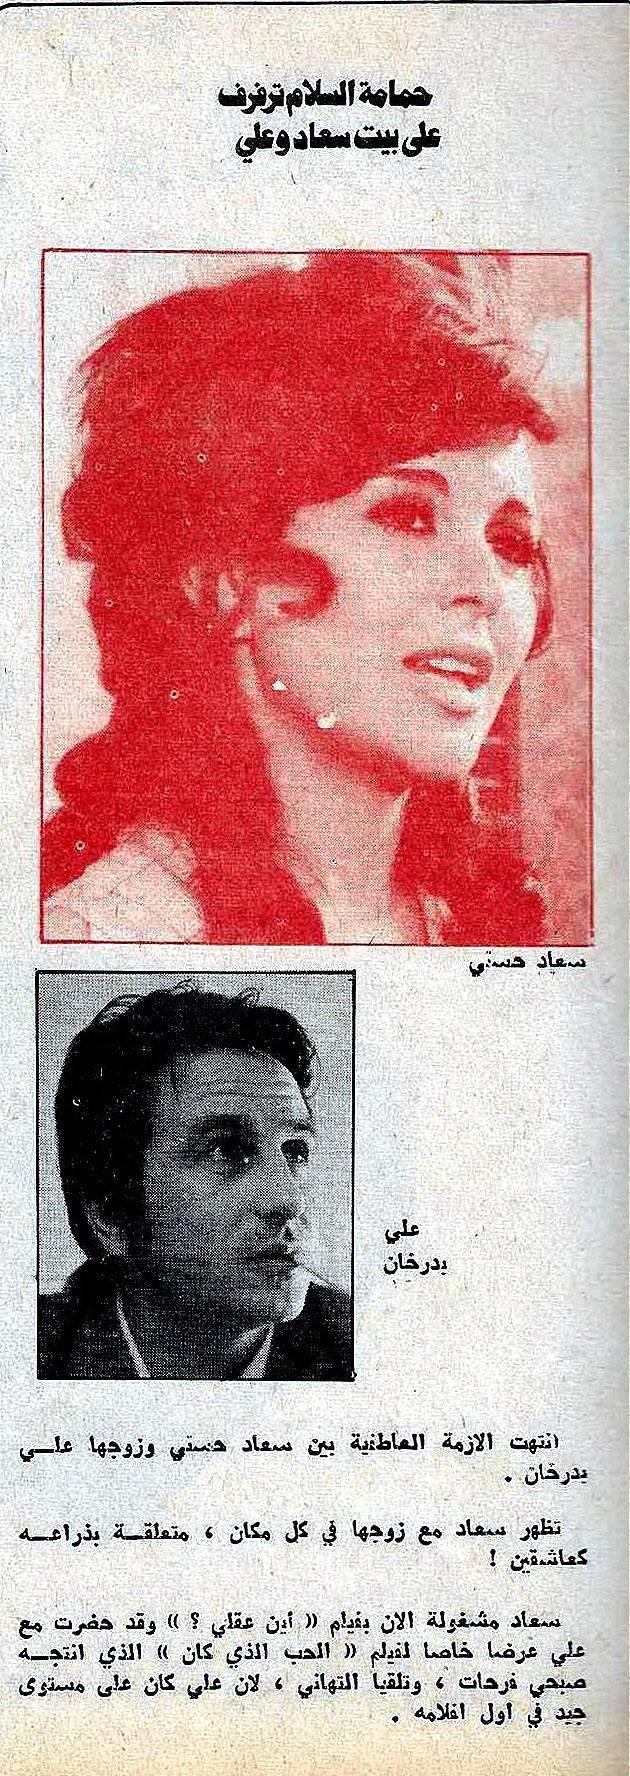 خبر صحفي : حمامة السلام ترفرف على بيت سعاد وعلي 1973 م Yaao_a10